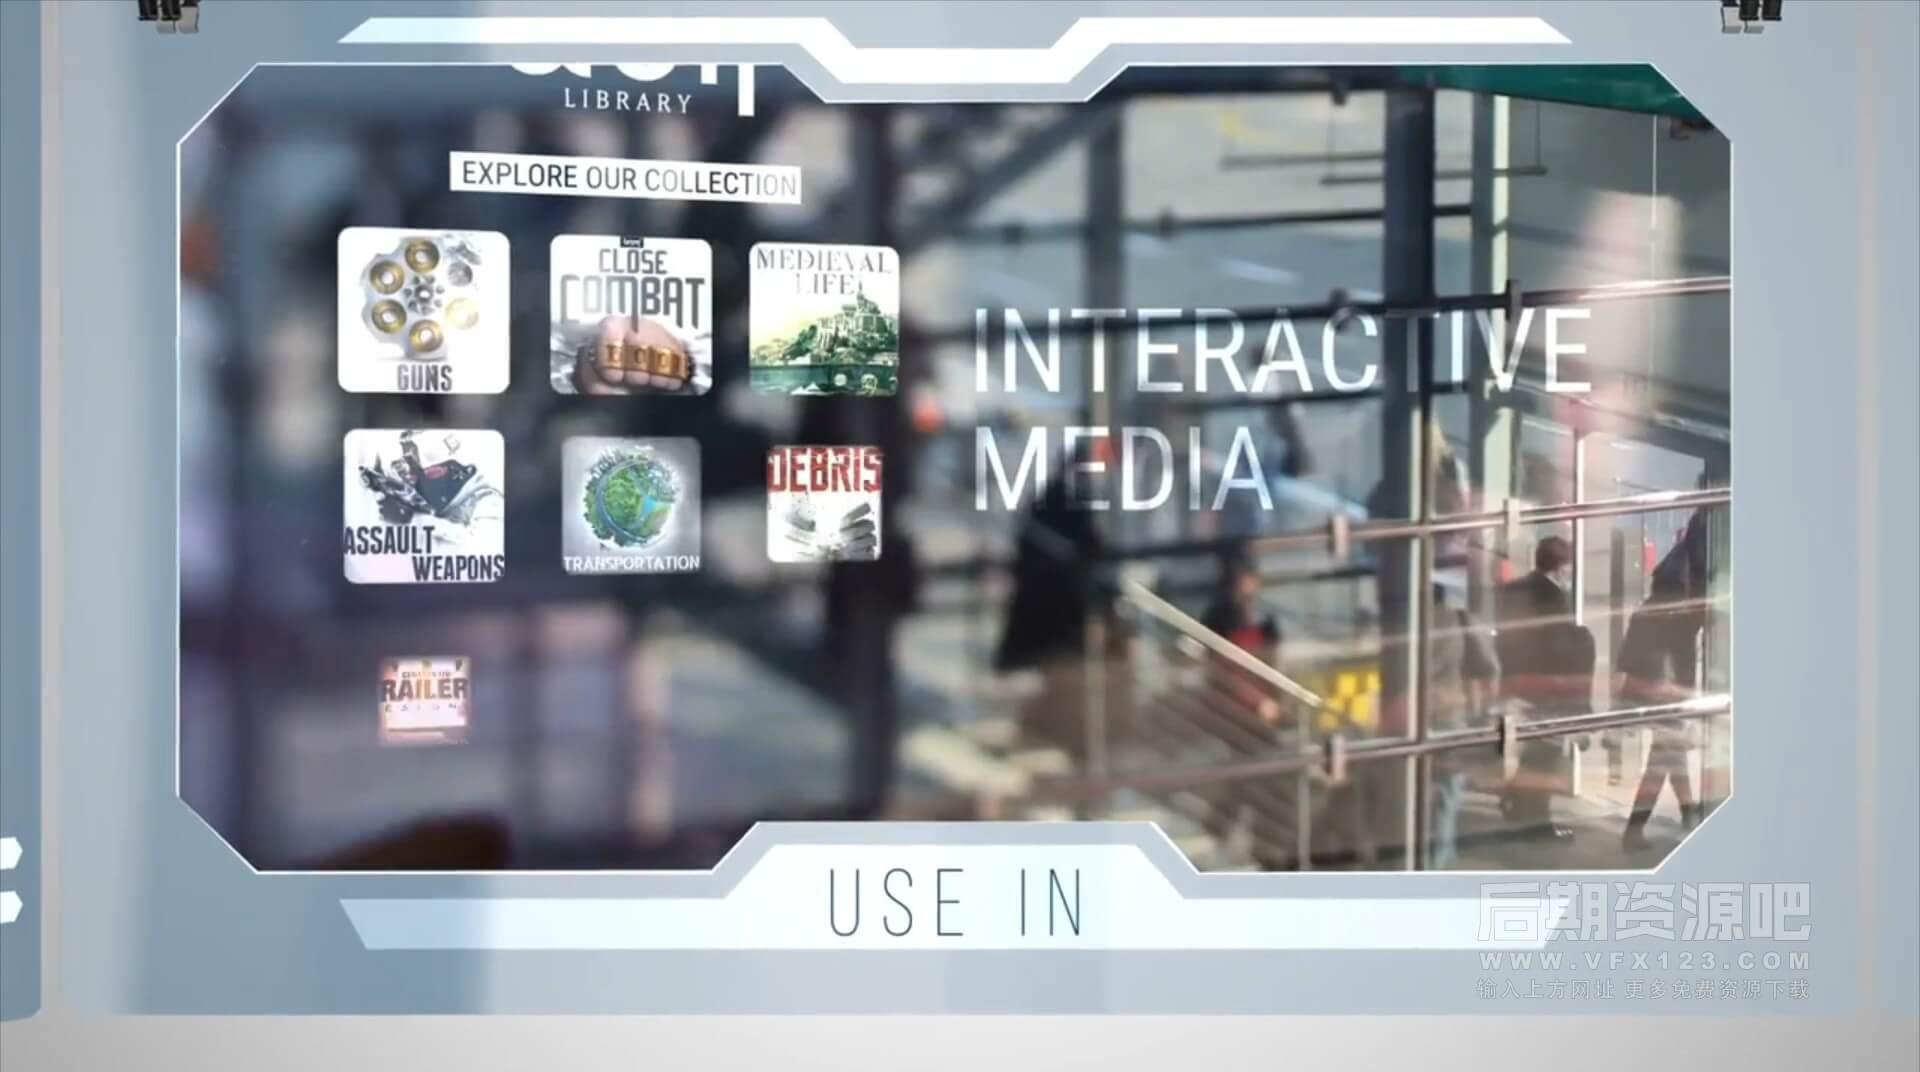 音效素材 高科技HUD用户UI界面点击选择滑动无损音效 modern UI| MAC影视后期资源站